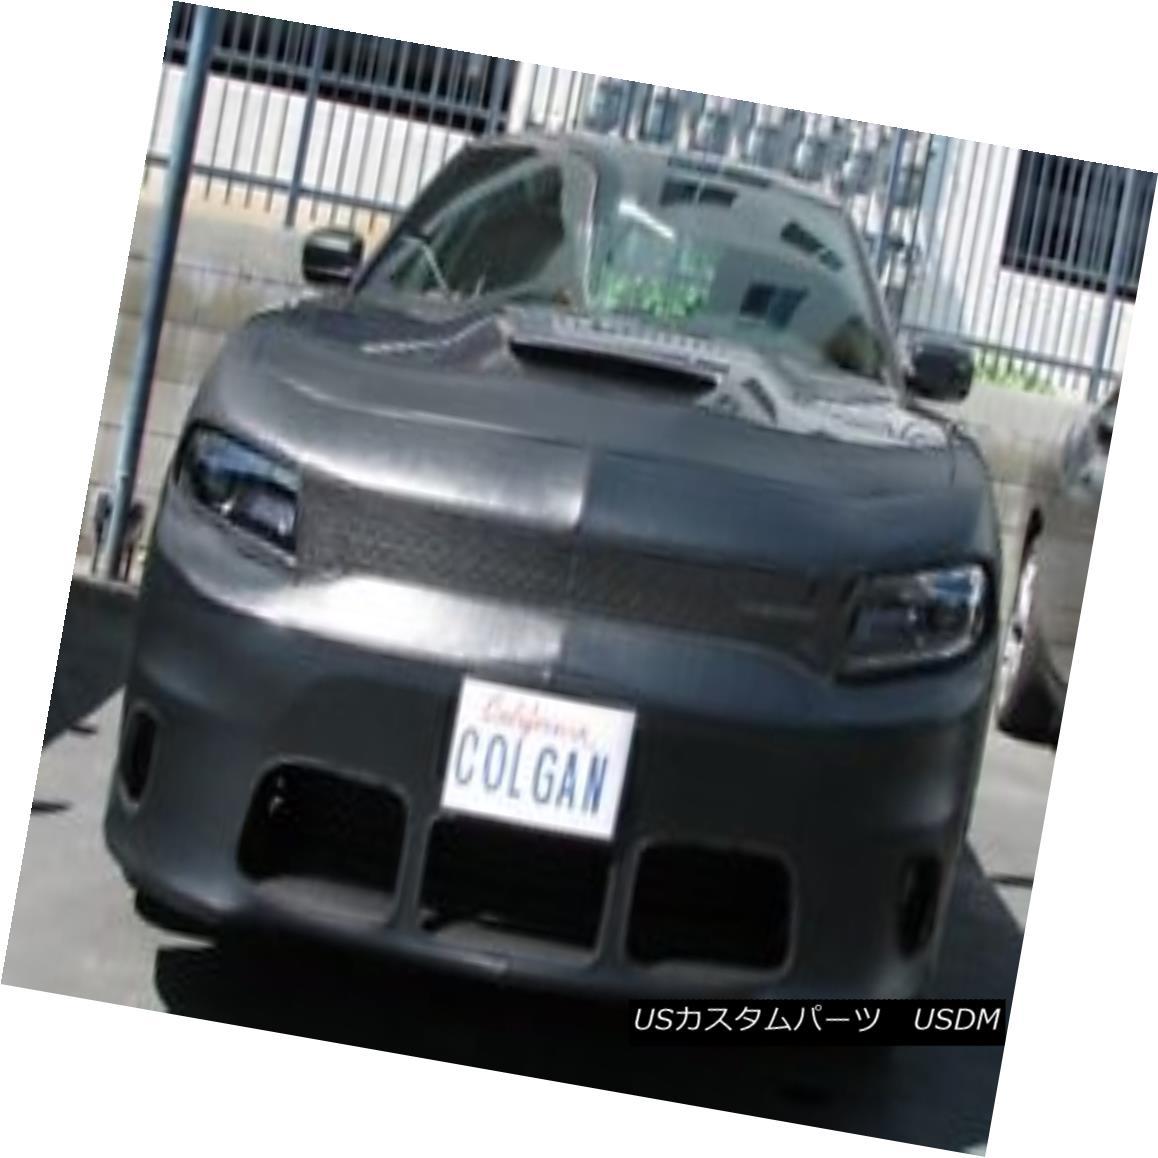 フルブラ ノーズブラ Colgan Front End Mask Bra 2pc.Fits Dodge Charger R/T Scat Pk. 2015-2018 W/O Lic コルガンフロントエンドマスクブラ2pc.フィットドッジチャージャーR / T Scat Pk。 2015-2018 W / O Lic